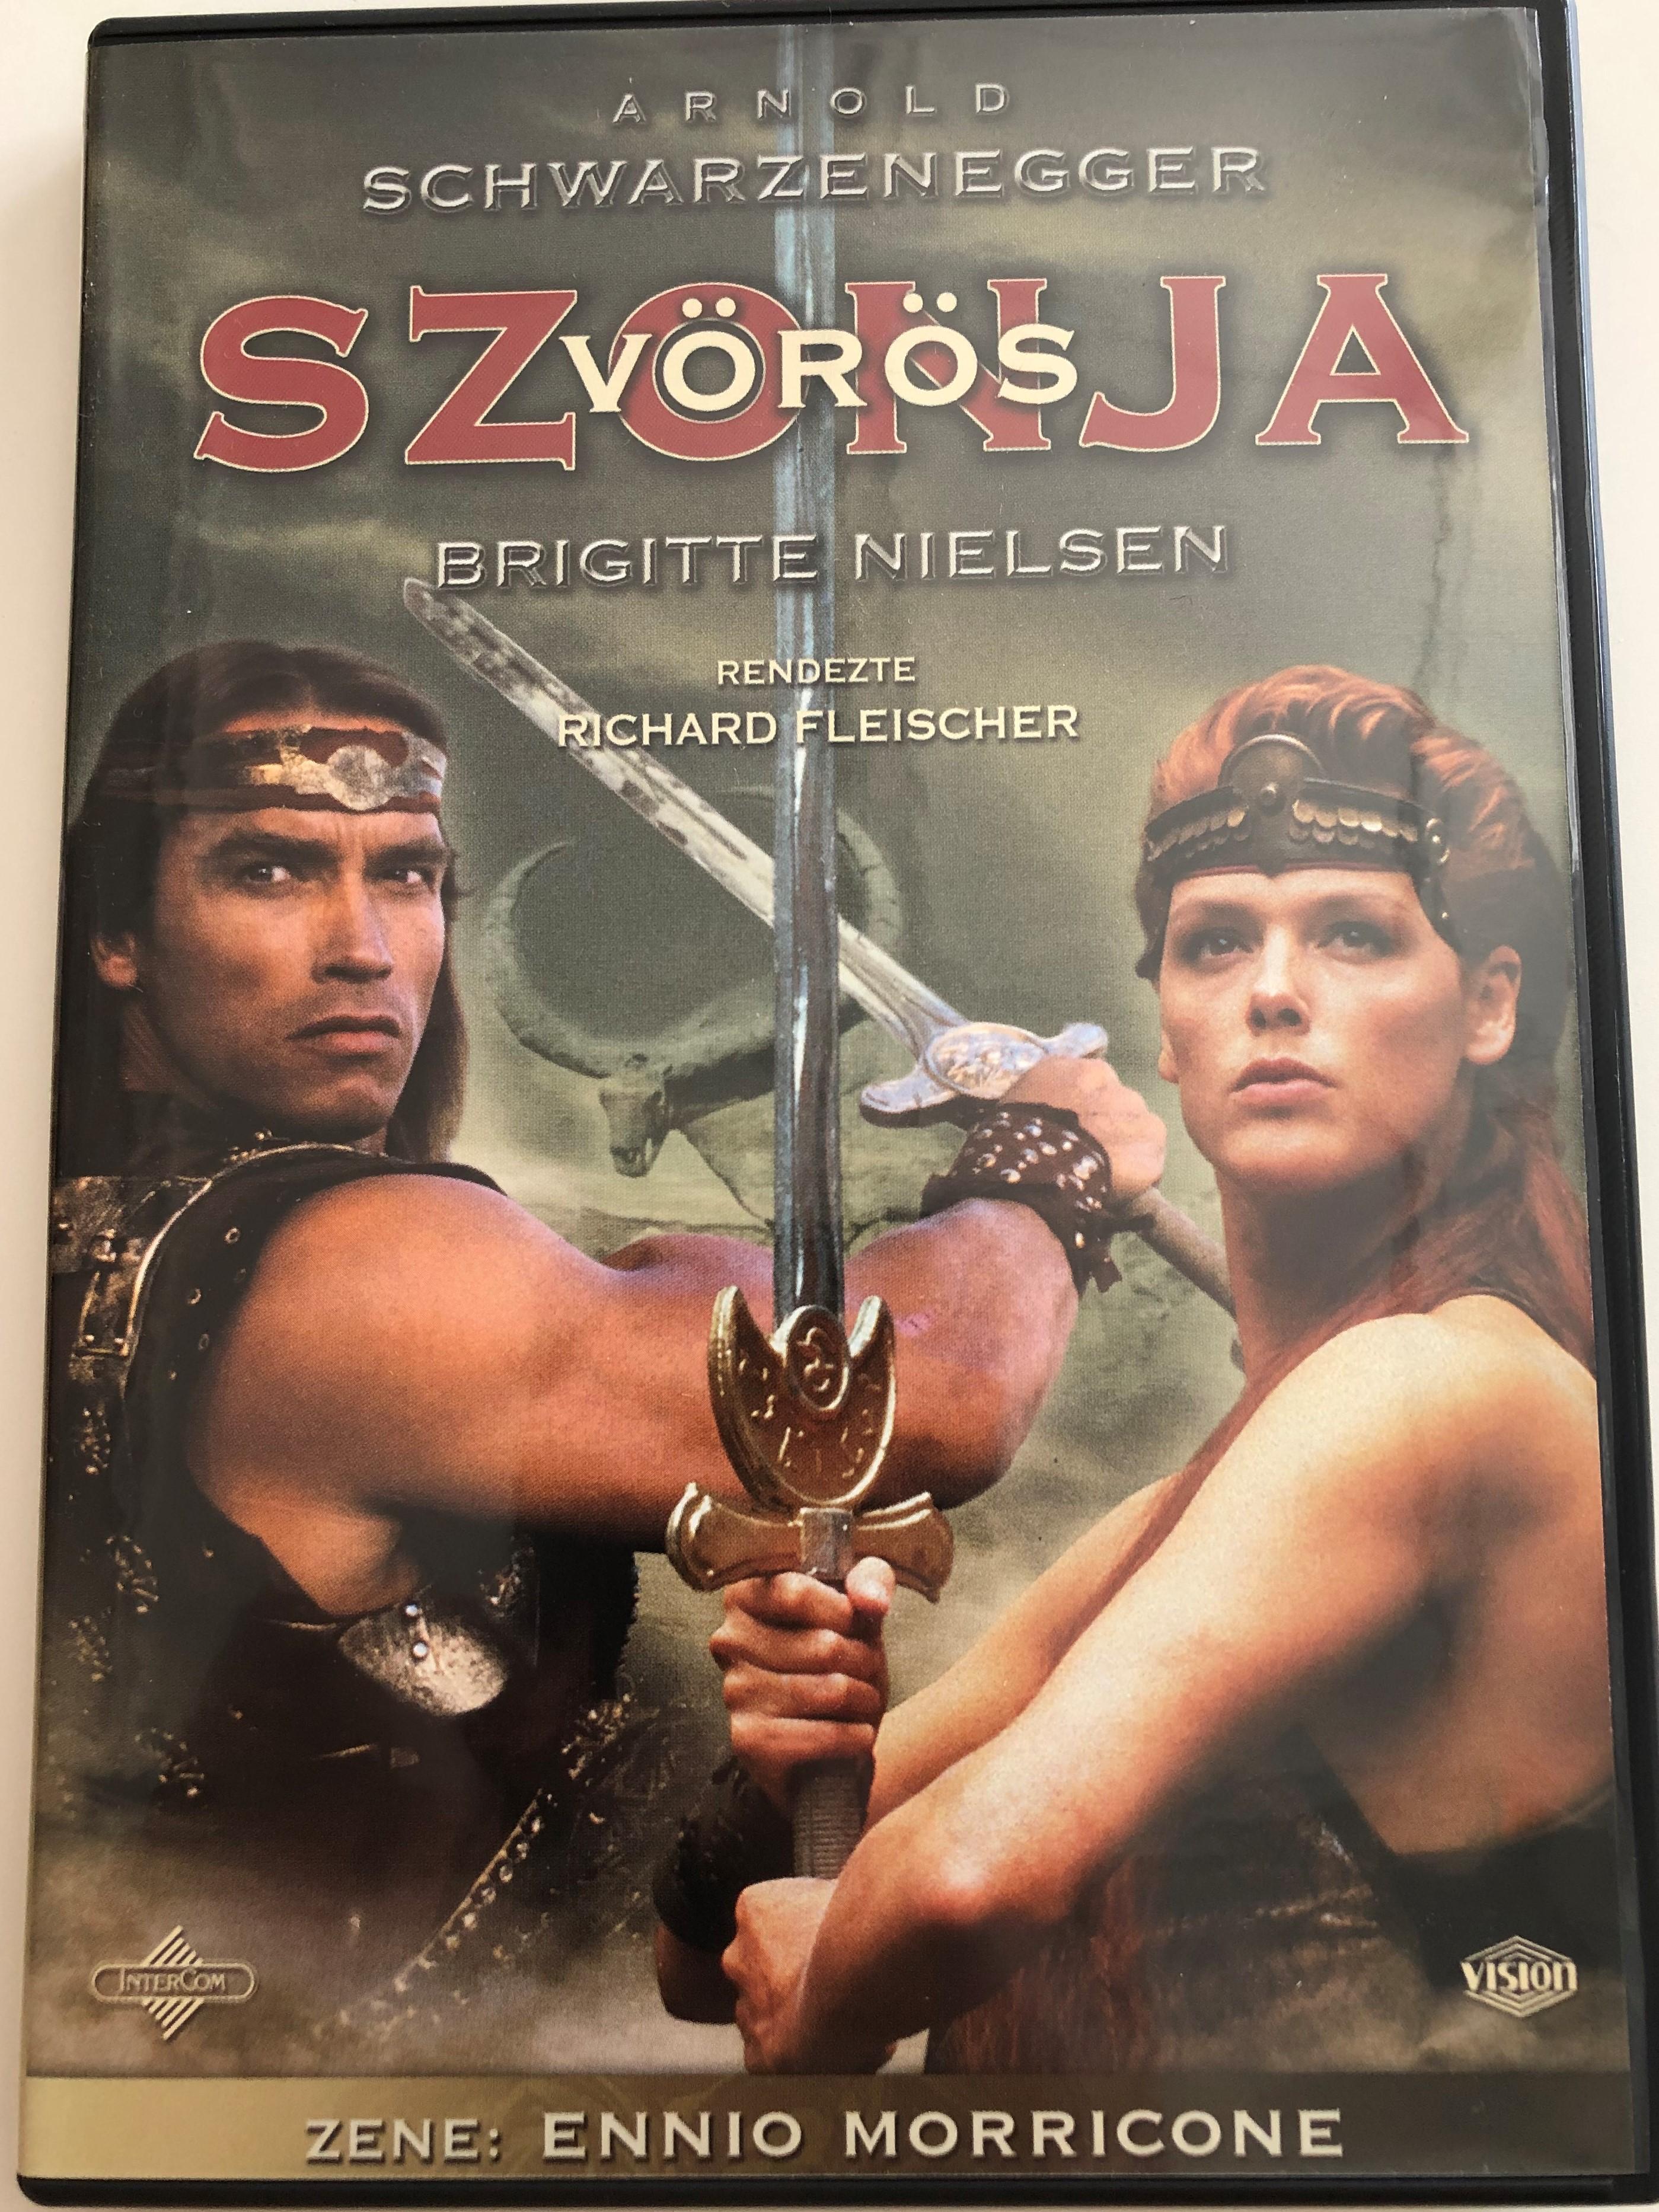 red-sonja-dvd-1985-v-r-s-szonya-directed-by-richard-fleischer-starring-arnold-schwarzenegger-brigitte-nielsen-1-.jpg